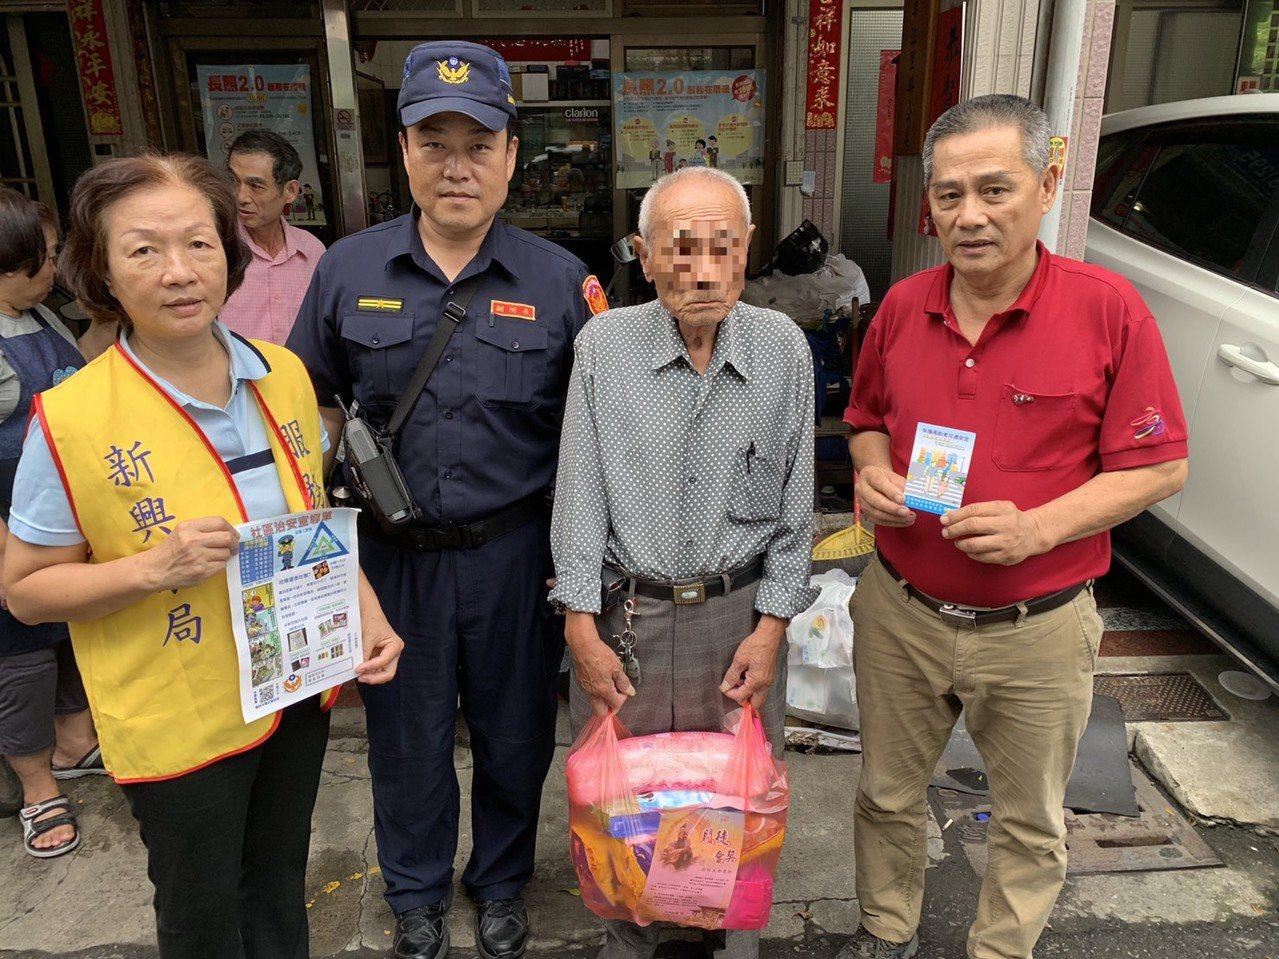 高雄市警新興分局結合里長和志工,今天趁颱風來襲前,發送防颱物資給獨居老人。記者林...